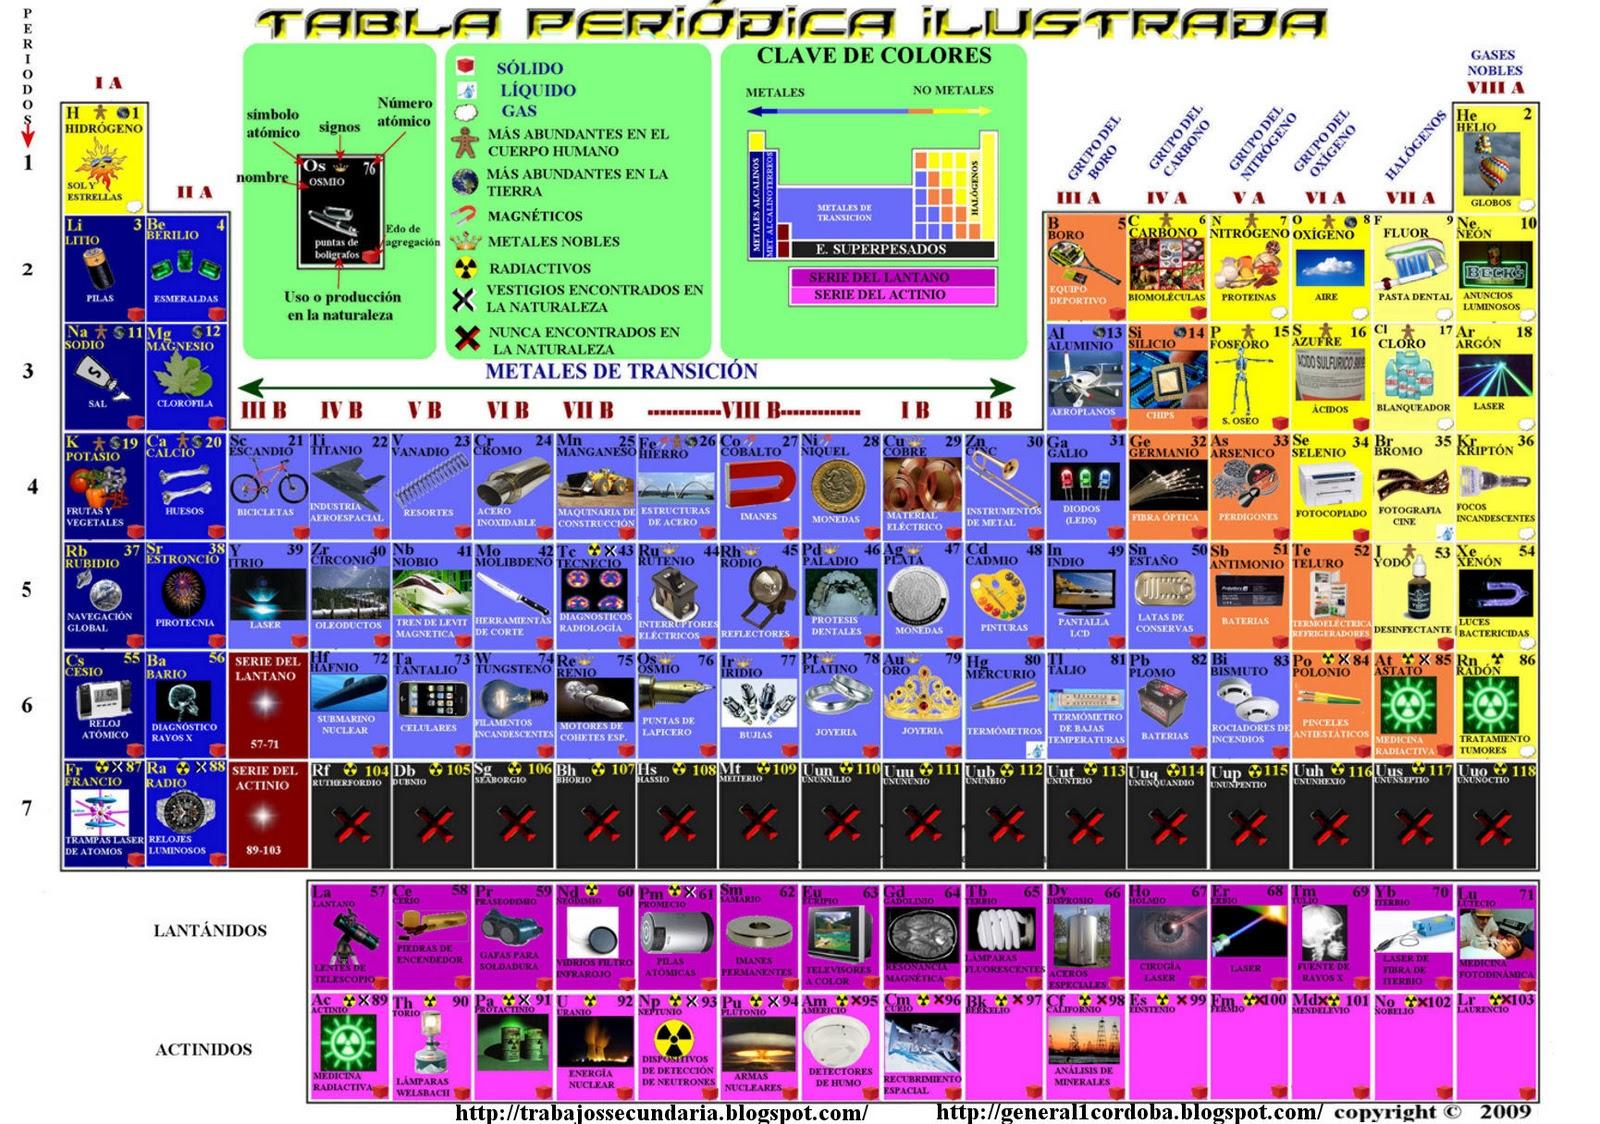 Aula eempa tabla peridica ilustrada rea qumica la siguiente tabla peridica tiene la particularidad de estar representada con imgenes relativas a los principales usos o localizacin de los elementos en urtaz Gallery